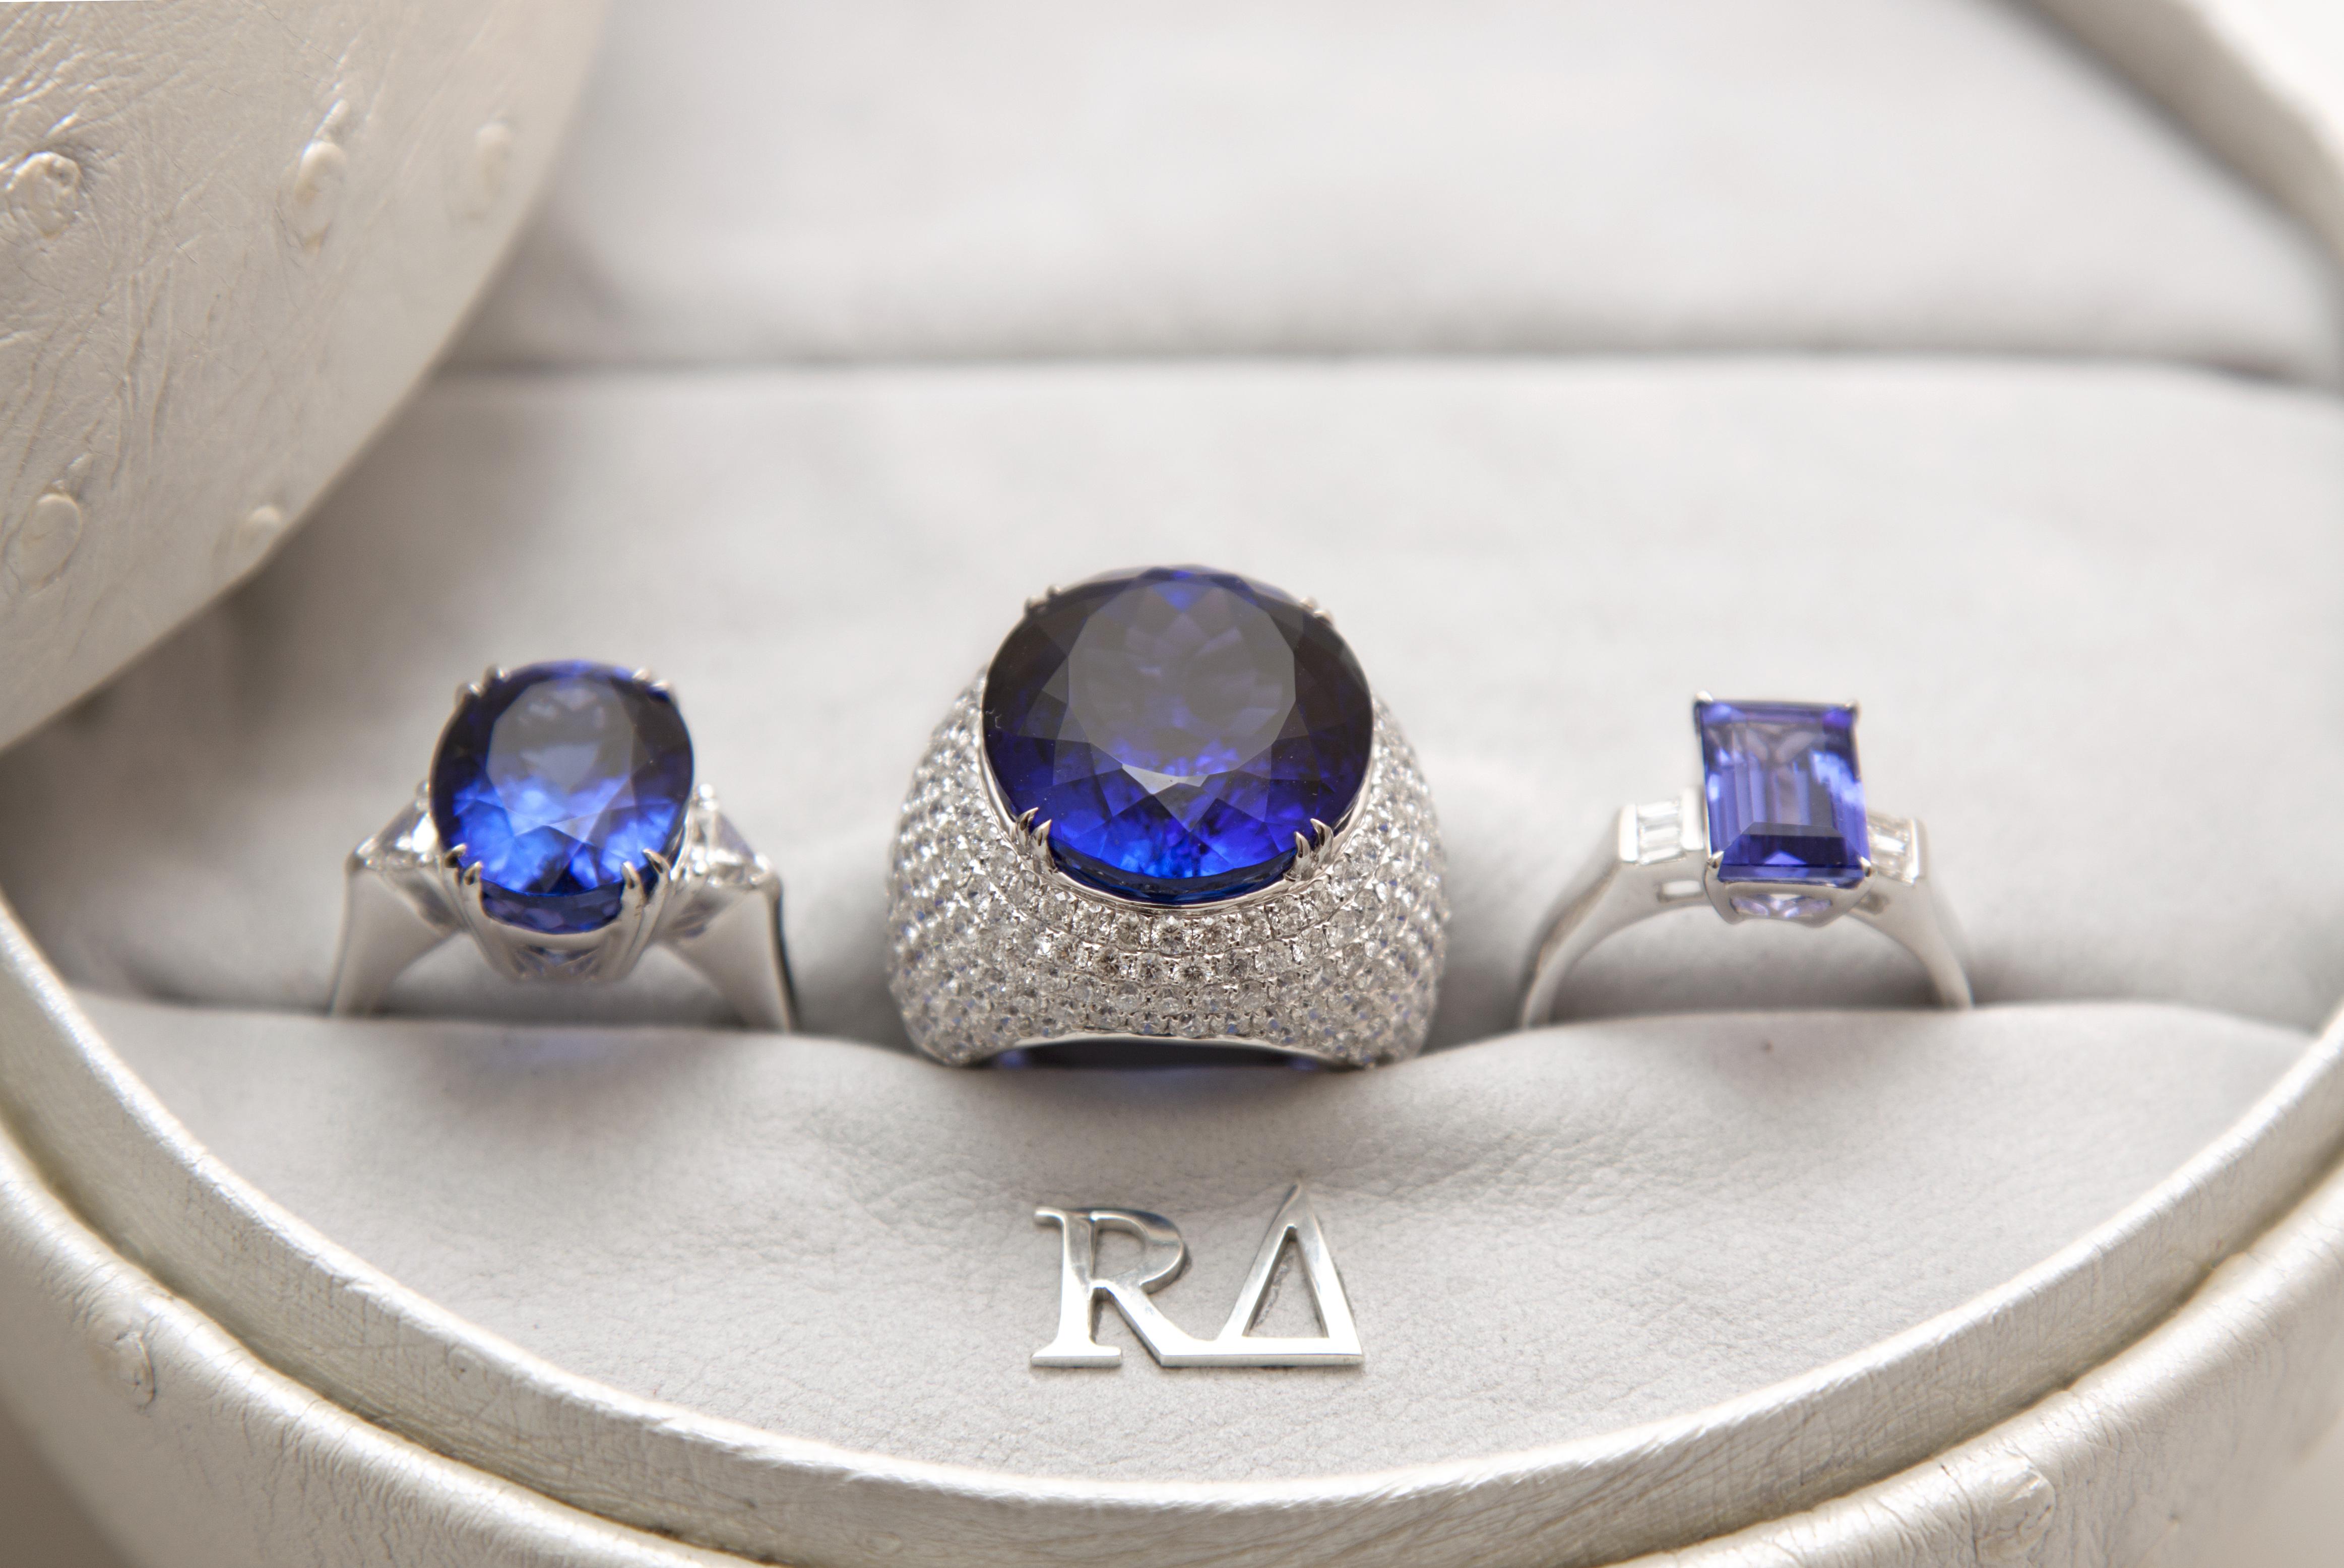 Šperky s tanzanitem z kolekce Richard Collection